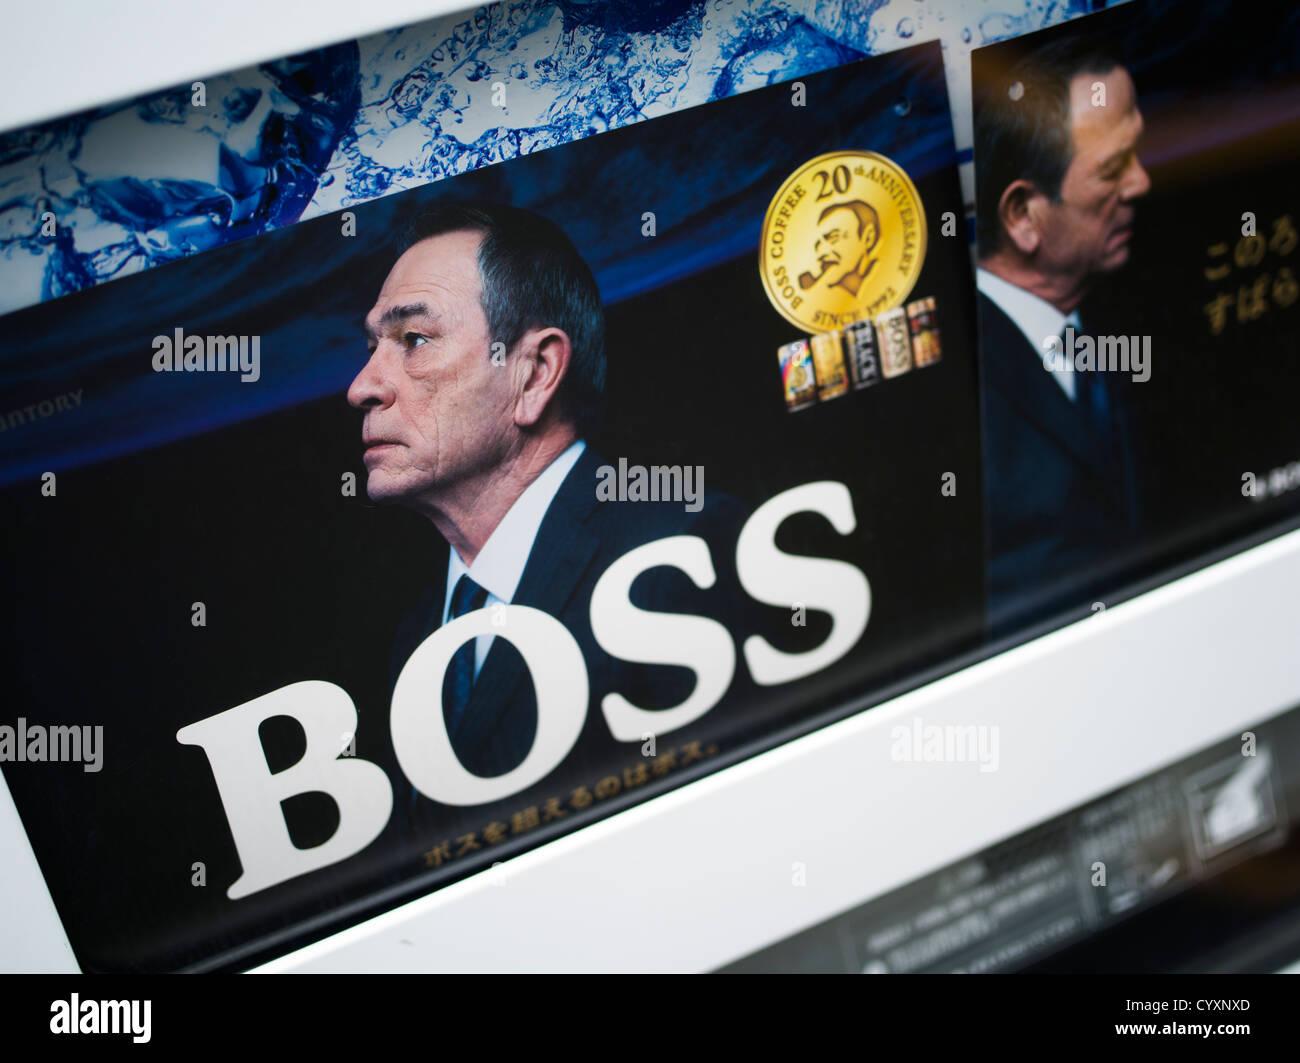 Kaffee Werbung in Japan mit Promi-Chef / Schauspieler Tommy Lee Jones Stockbild